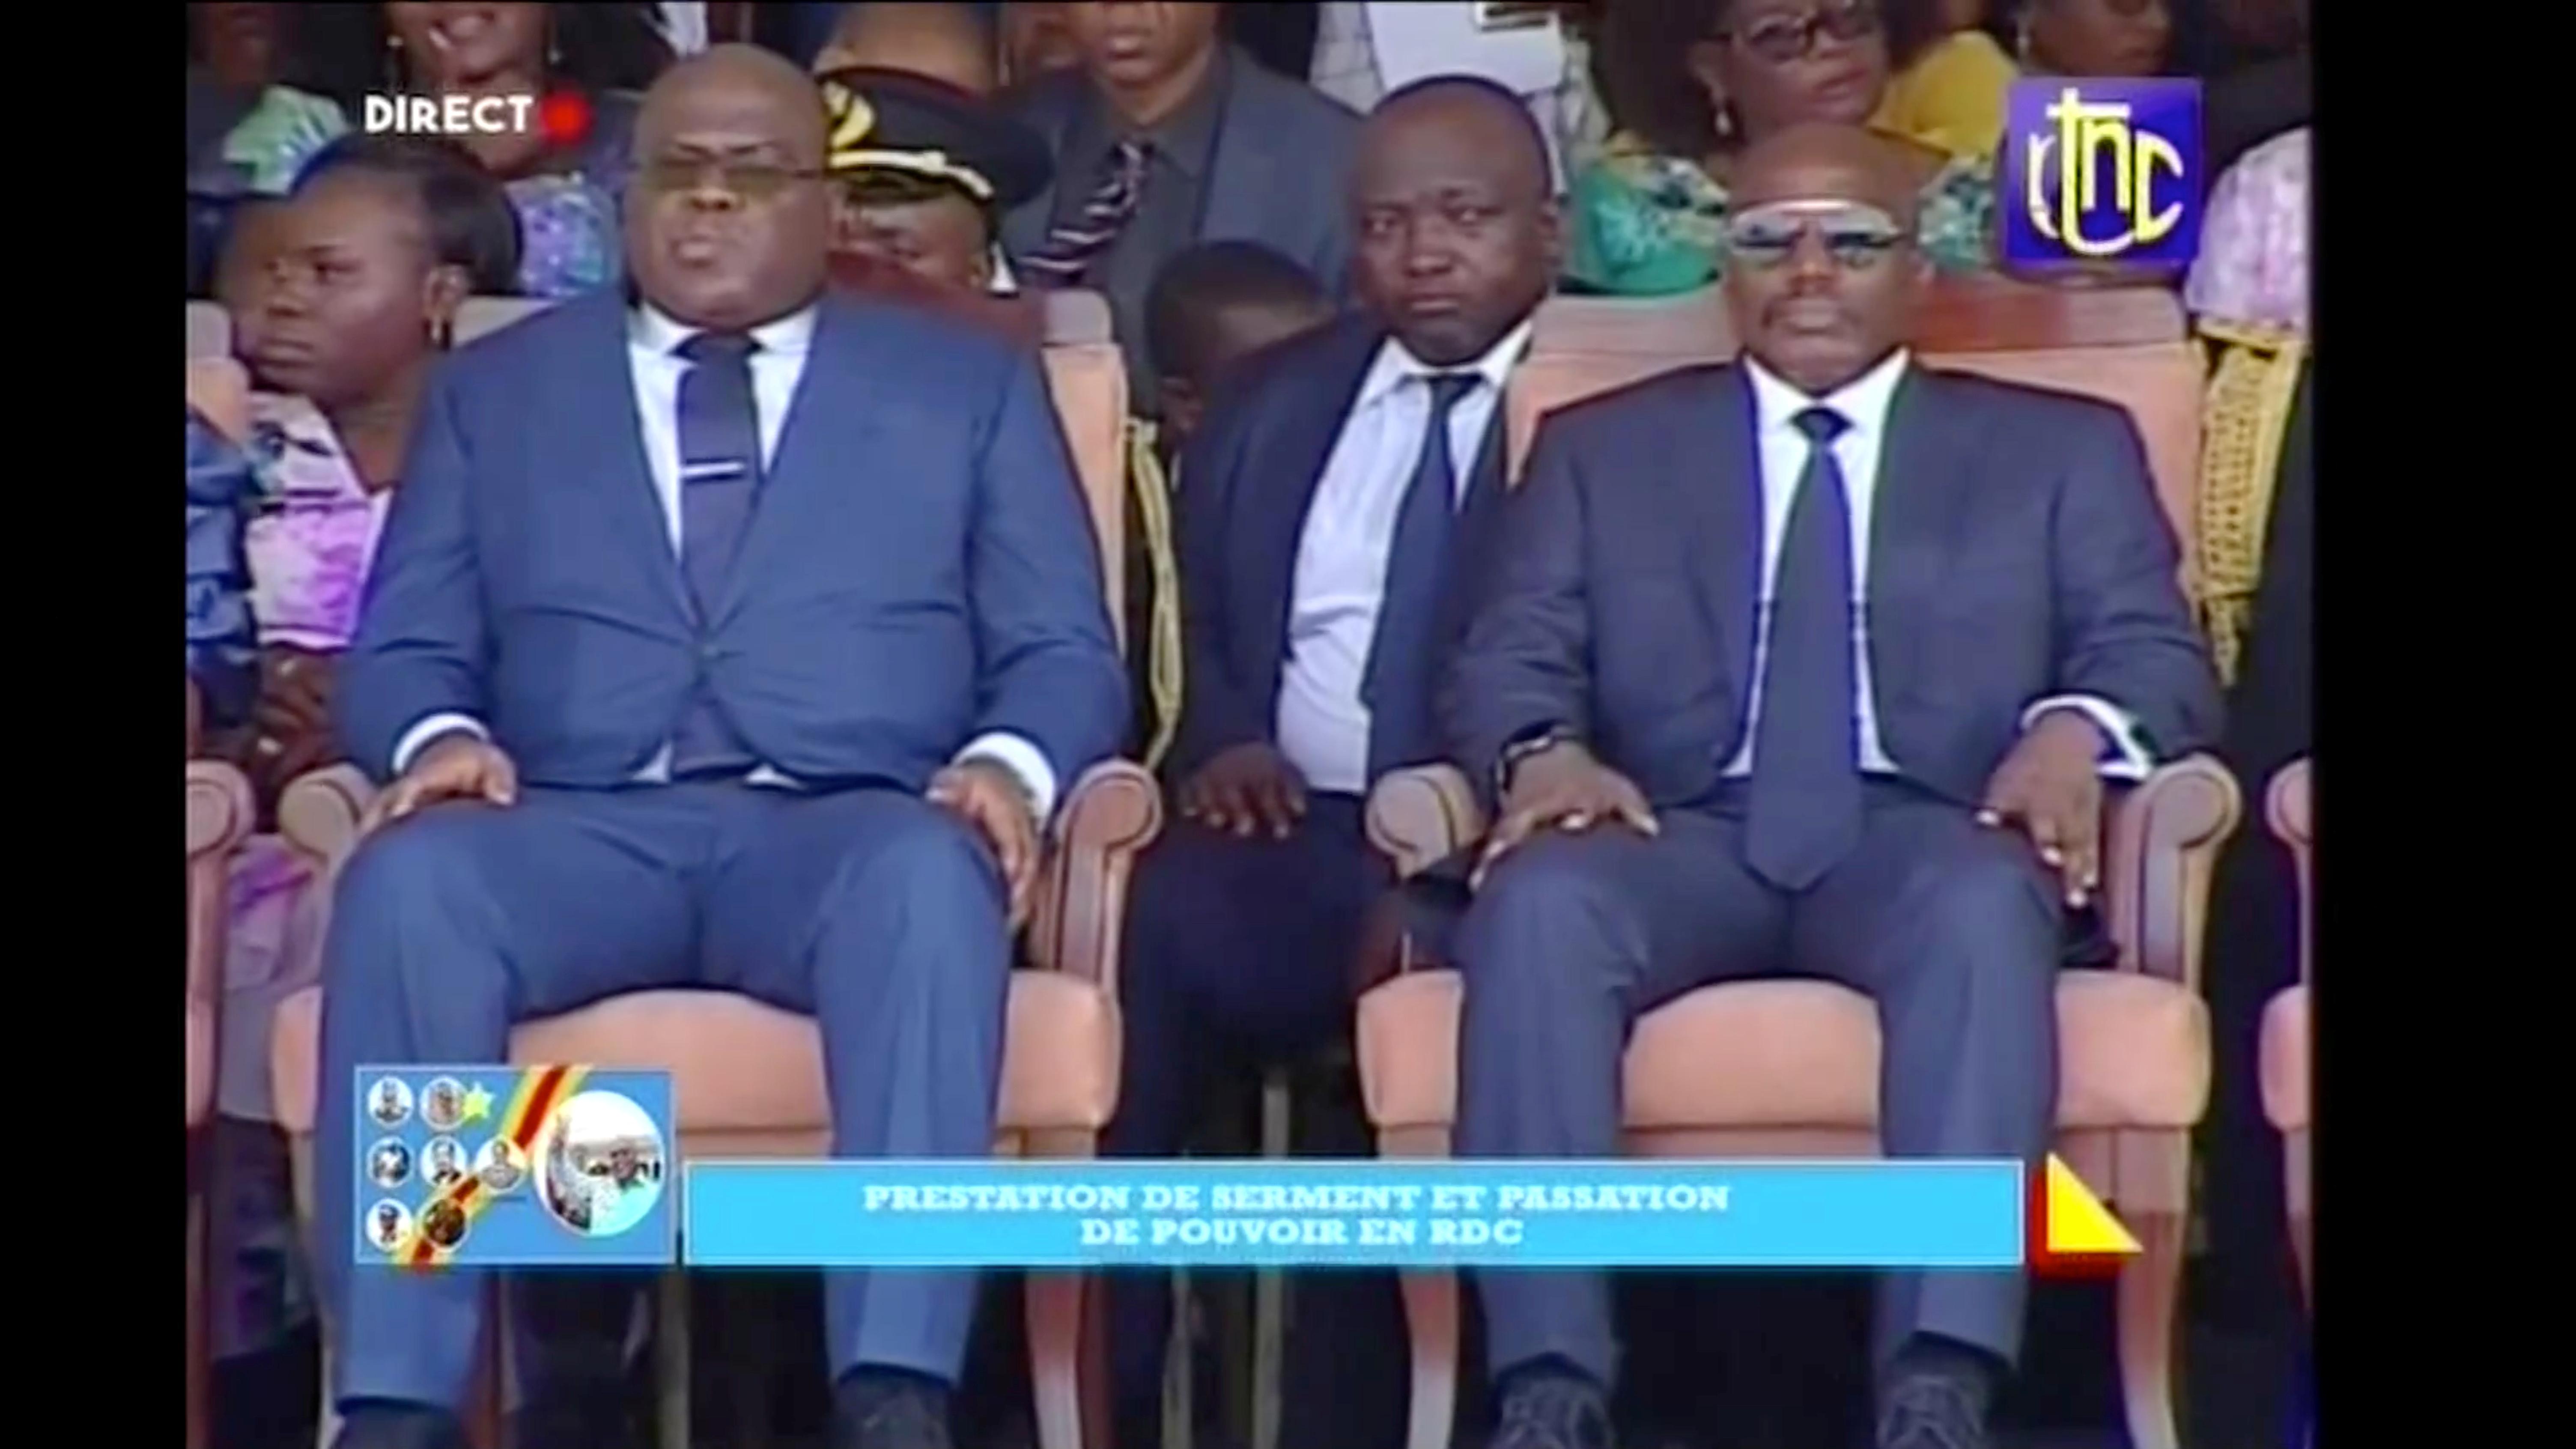 Félix Tshisekedi (à g.) avec le président sortant Joseph Kabila, lors de l'investiture à Kinshasa le 24 janvier.